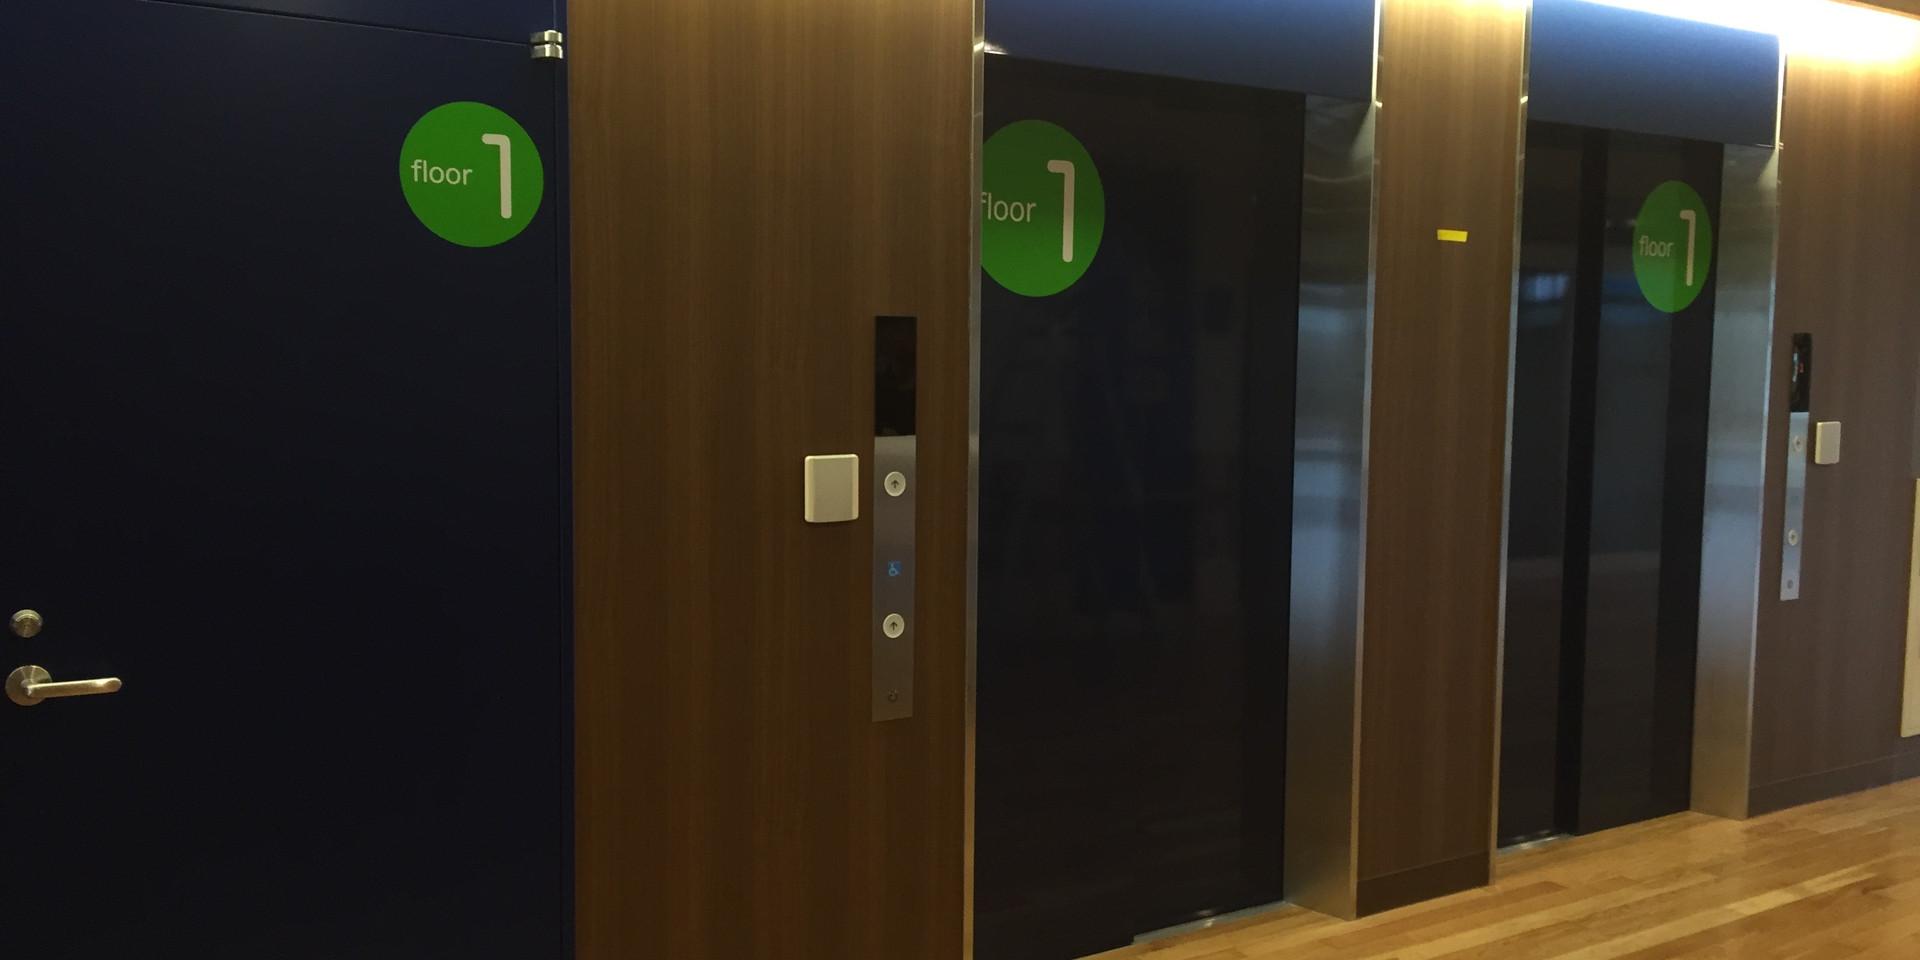 エレベーターサイン